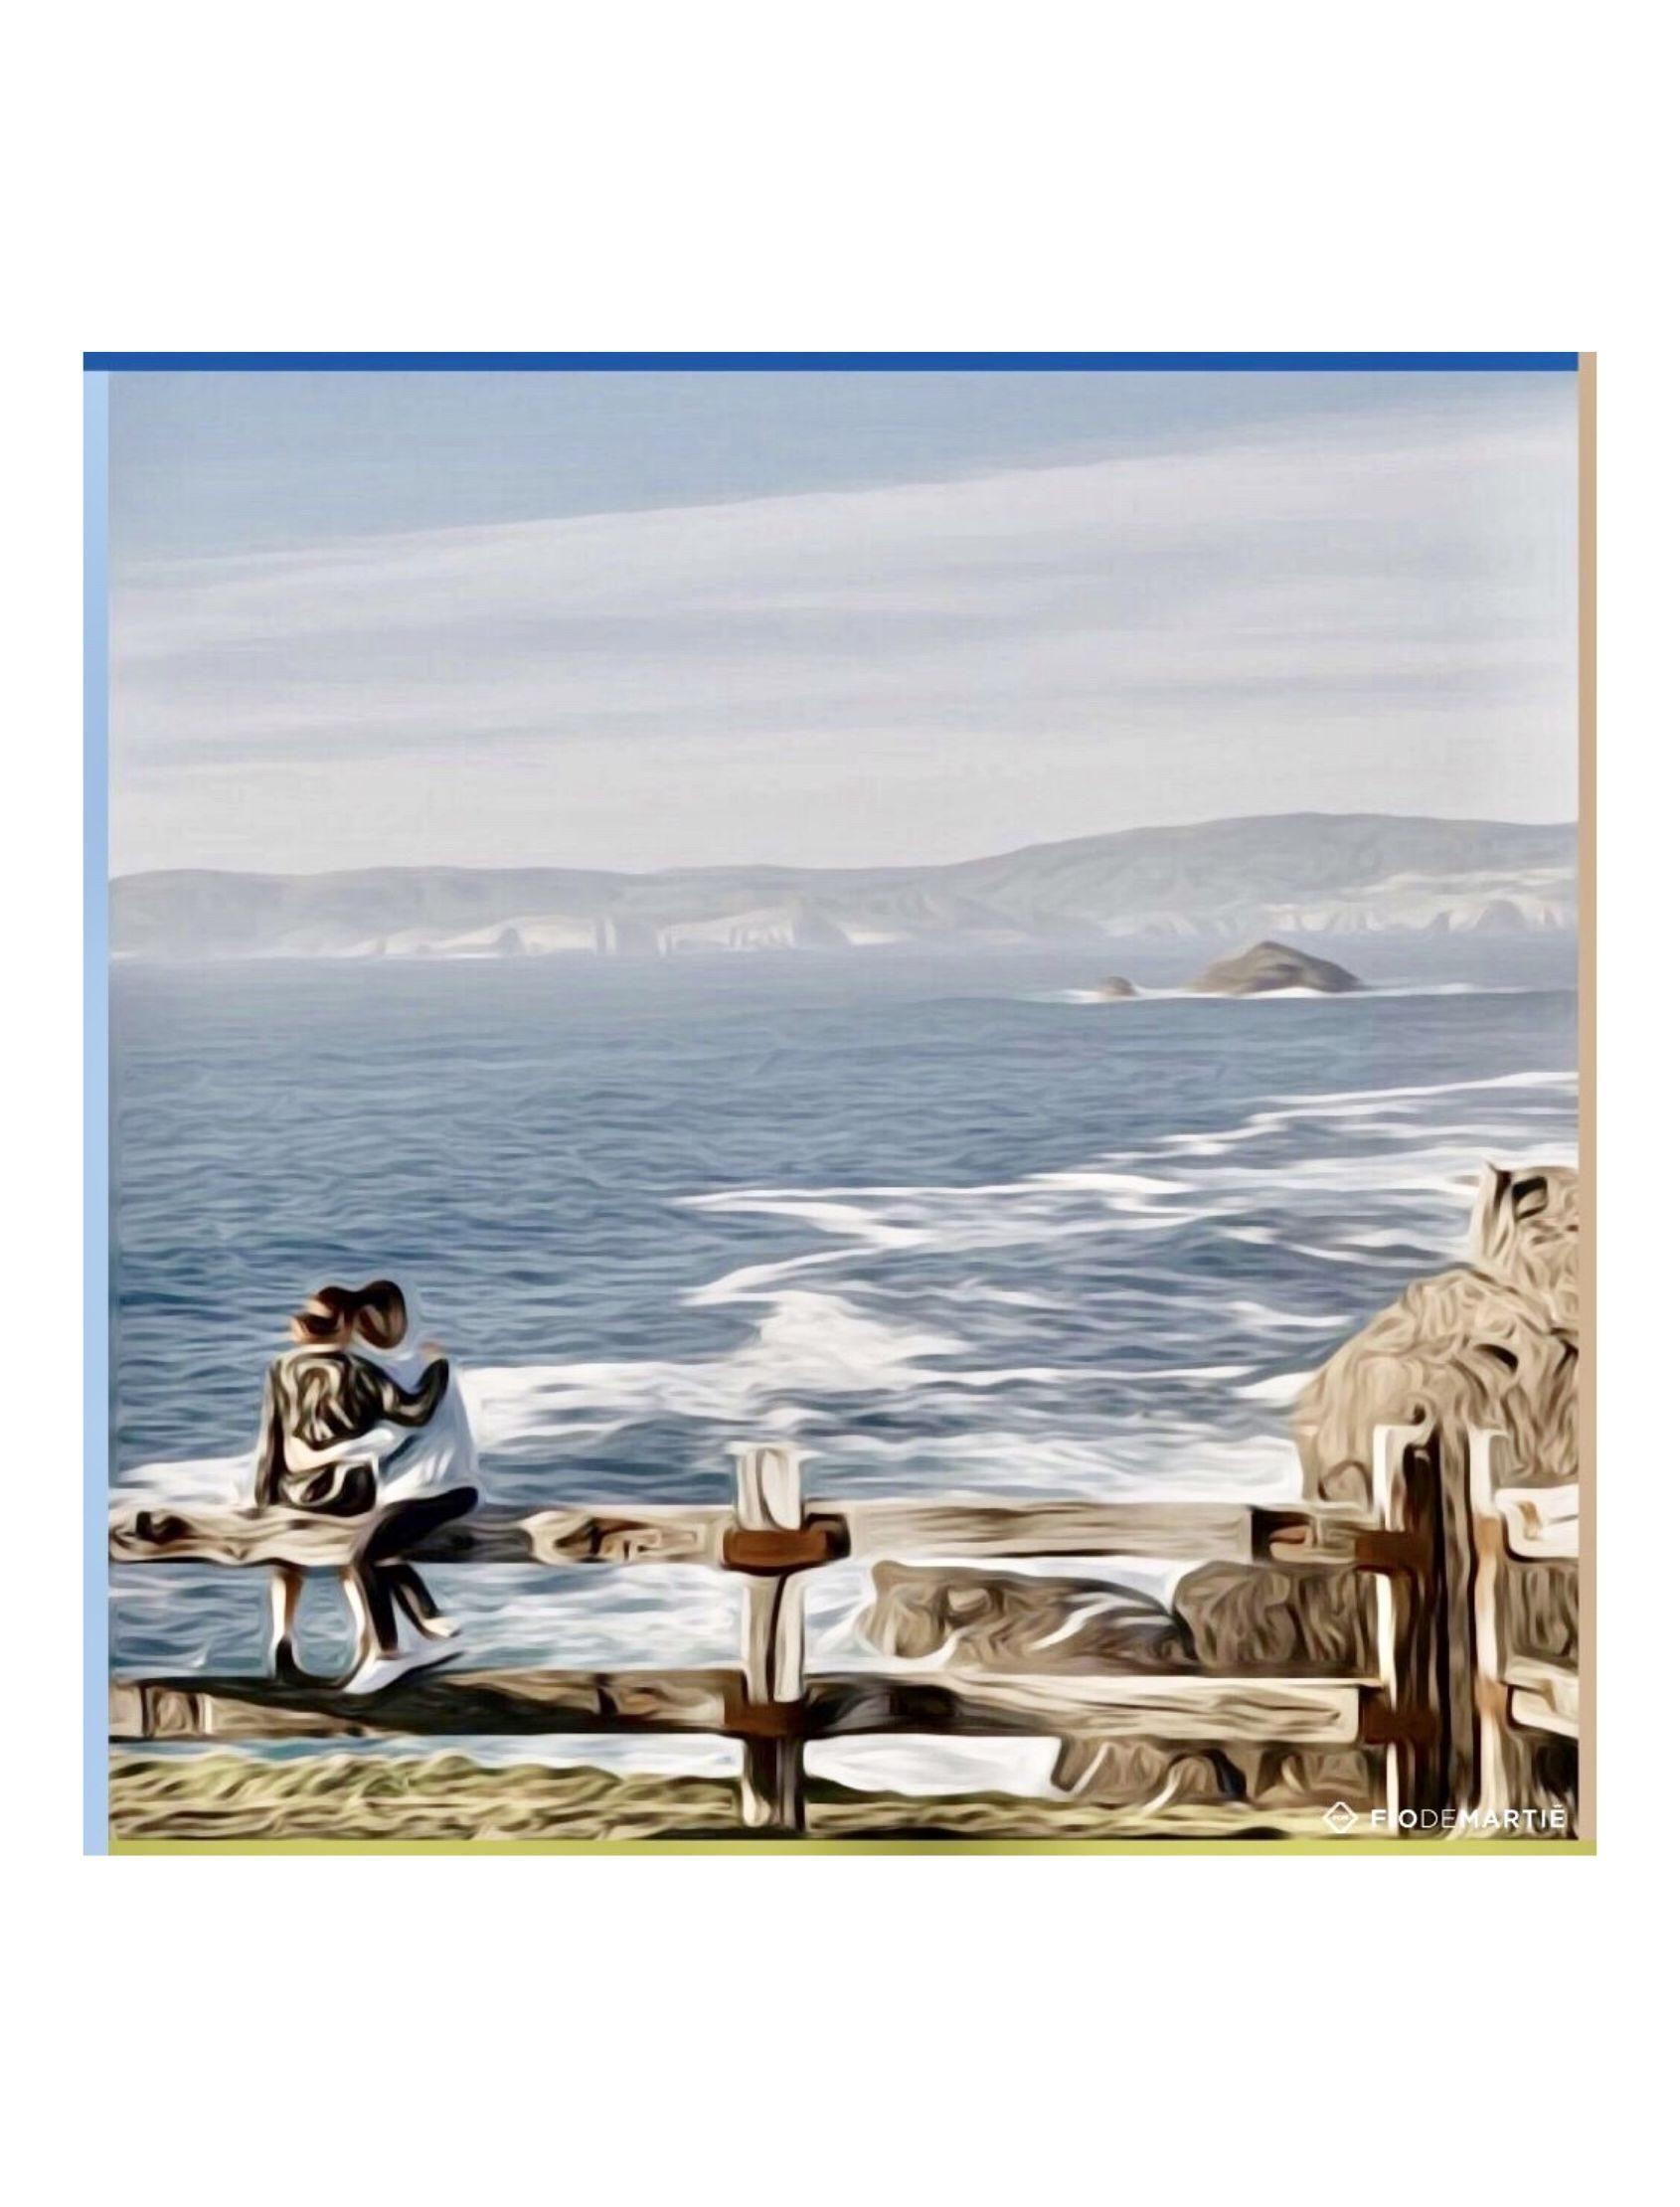 pañuelo de seda para mujer con dos enamorados contemplando la costa de seixo branco en a coruña